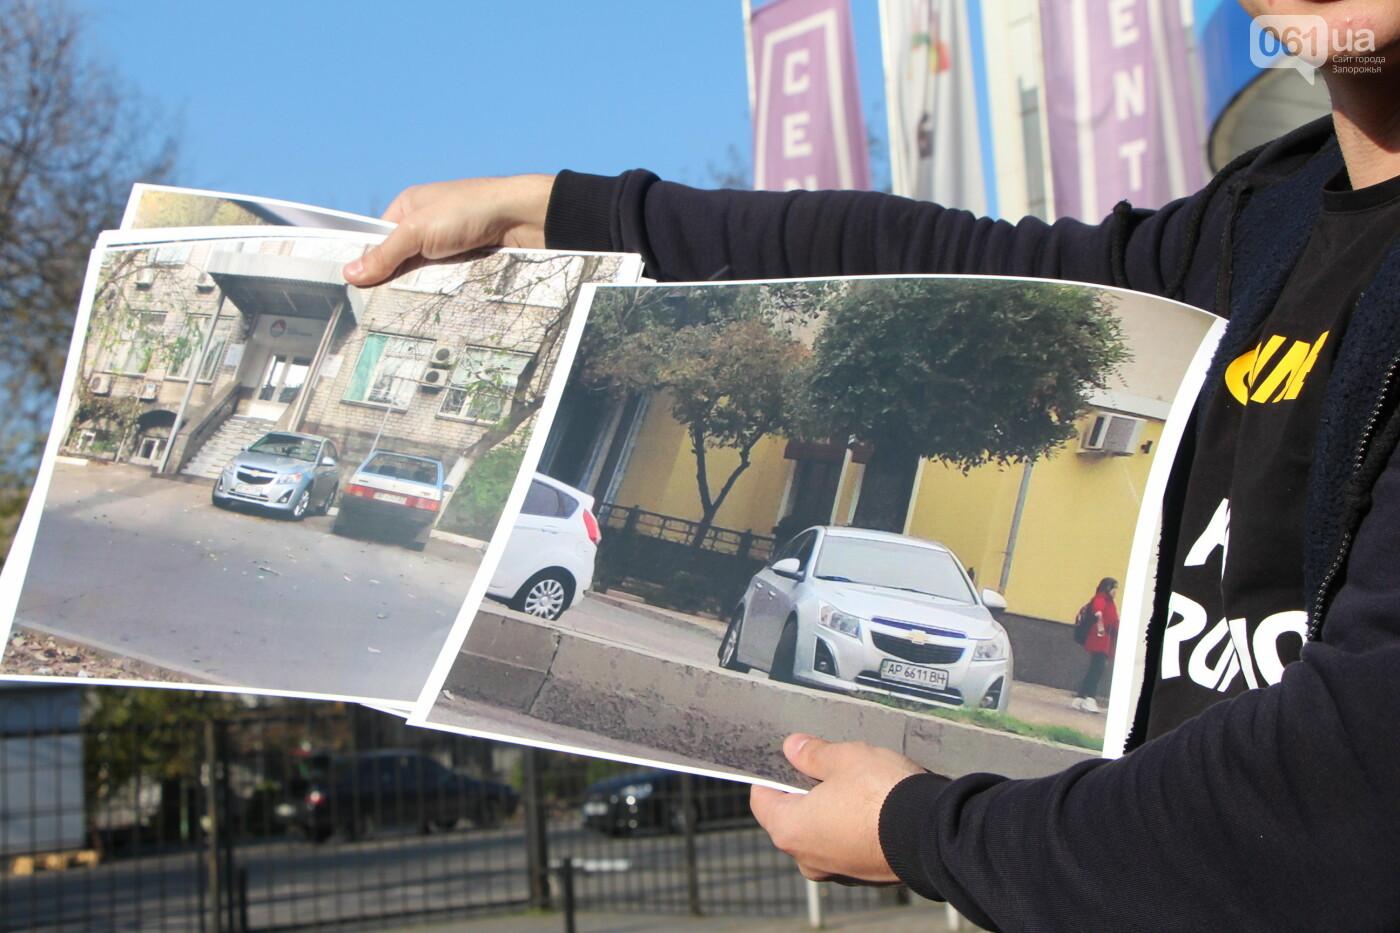 """""""Анисимов просто лох"""": на антикоррупционной экскурсии рассказали, кто приезжает в новый """"золотой офис"""", - ФОТОРЕПОРТАЖ, фото-21"""